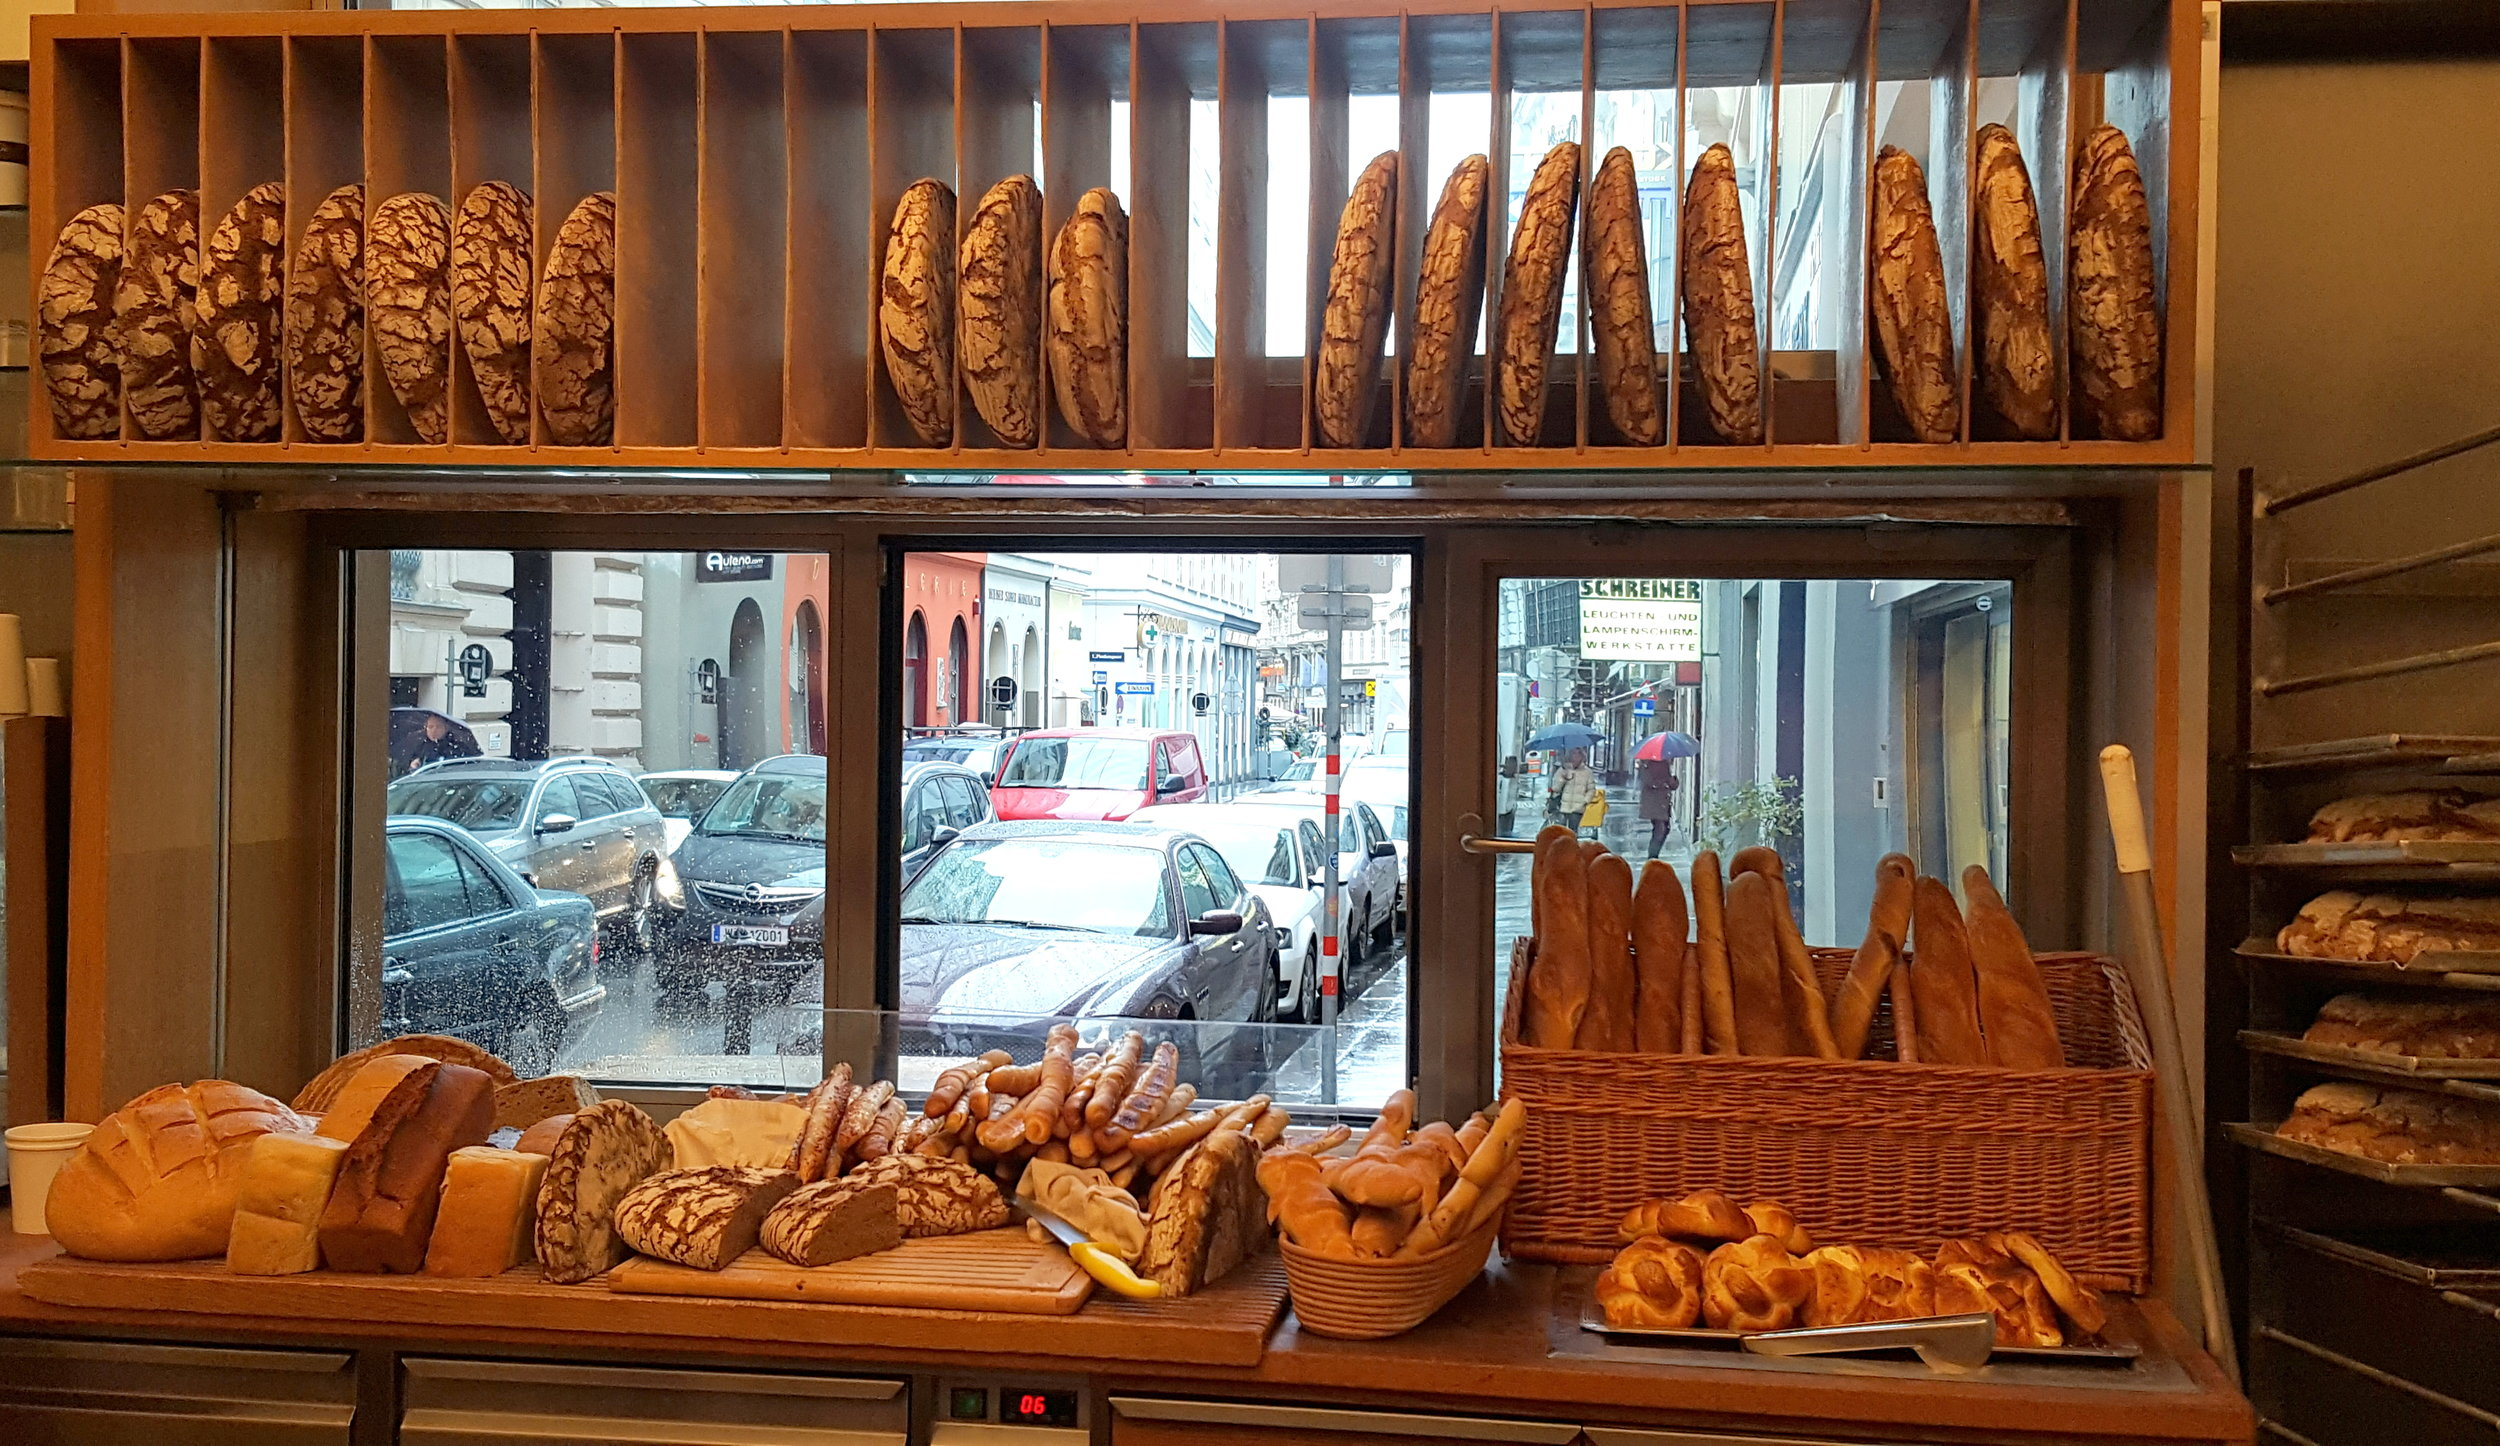 Wir lieben unser gutes österreichisches Brot.